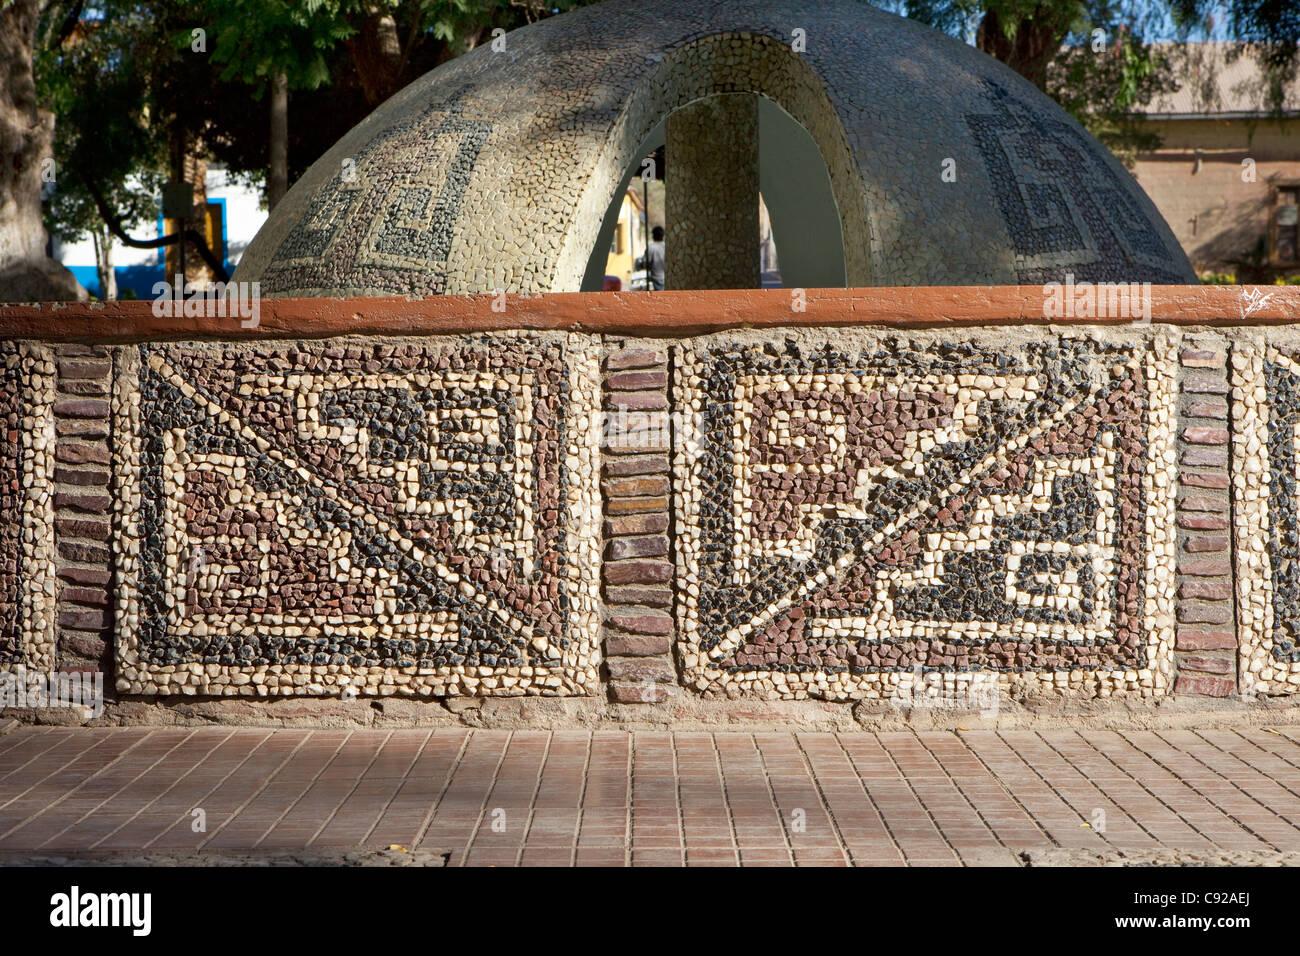 Chile, Coquimbo Region, Combarbala, stonework in central plaza - Stock Image